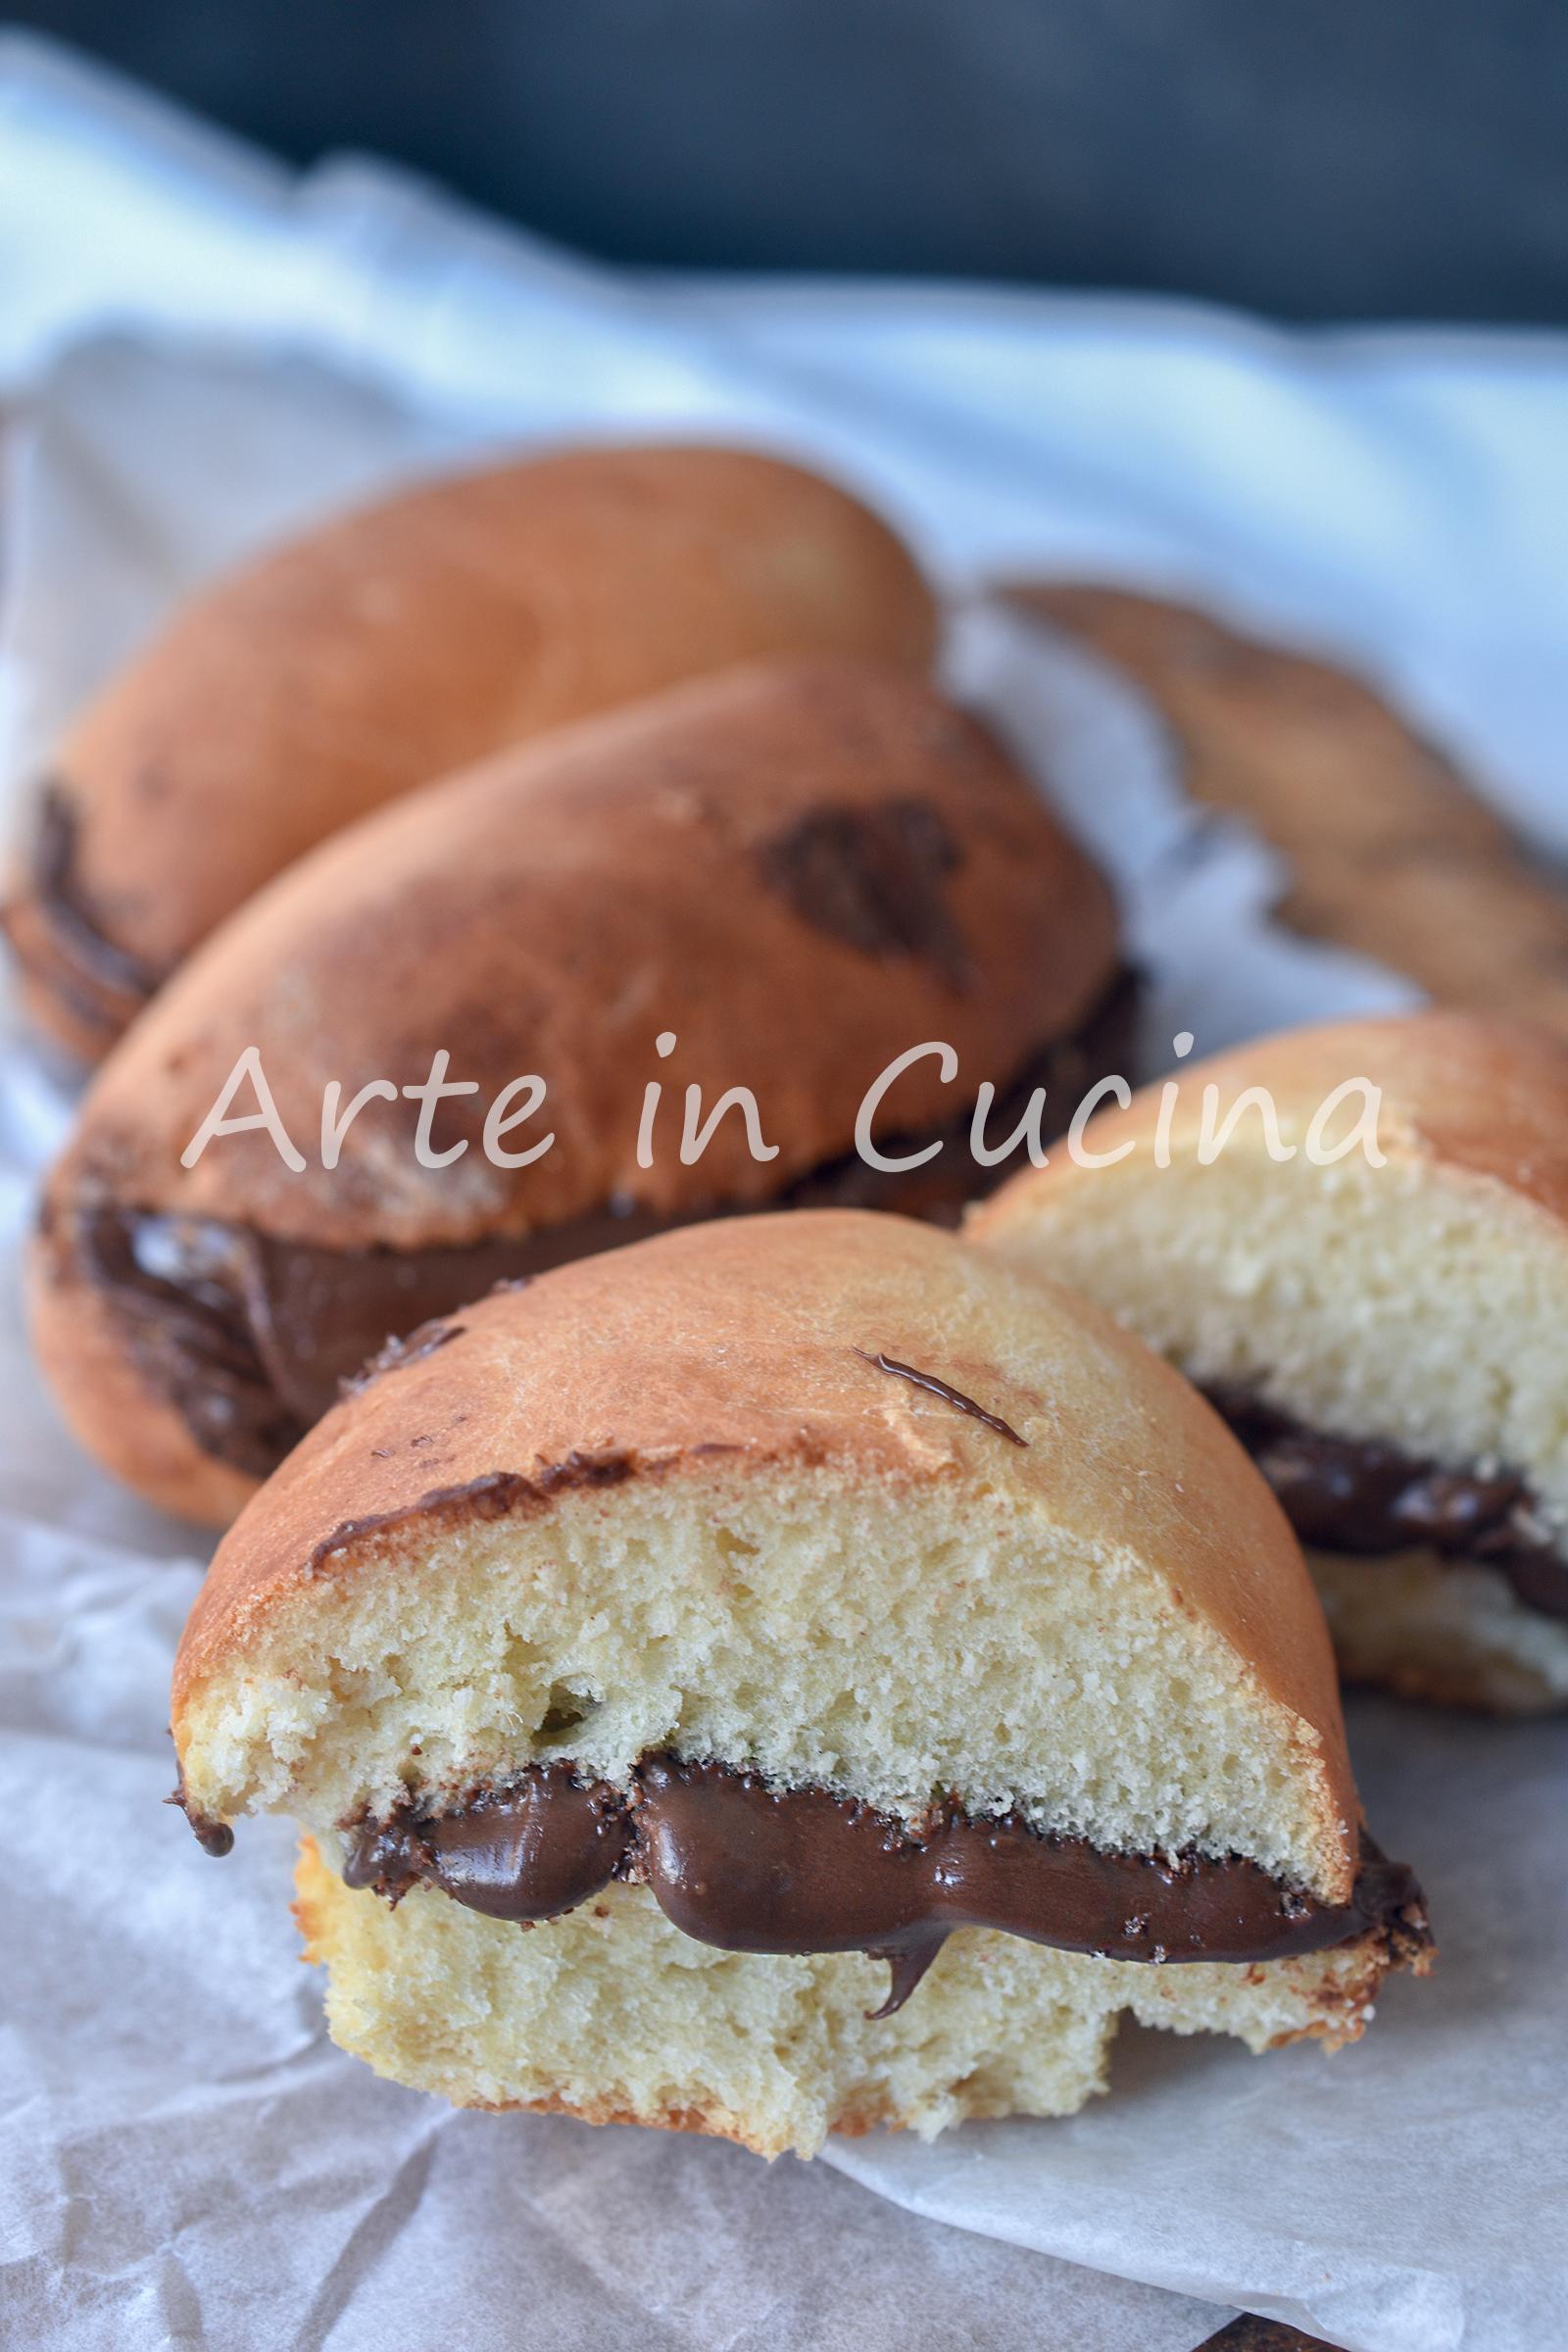 Pan di burro alla nutella dolci per colazione